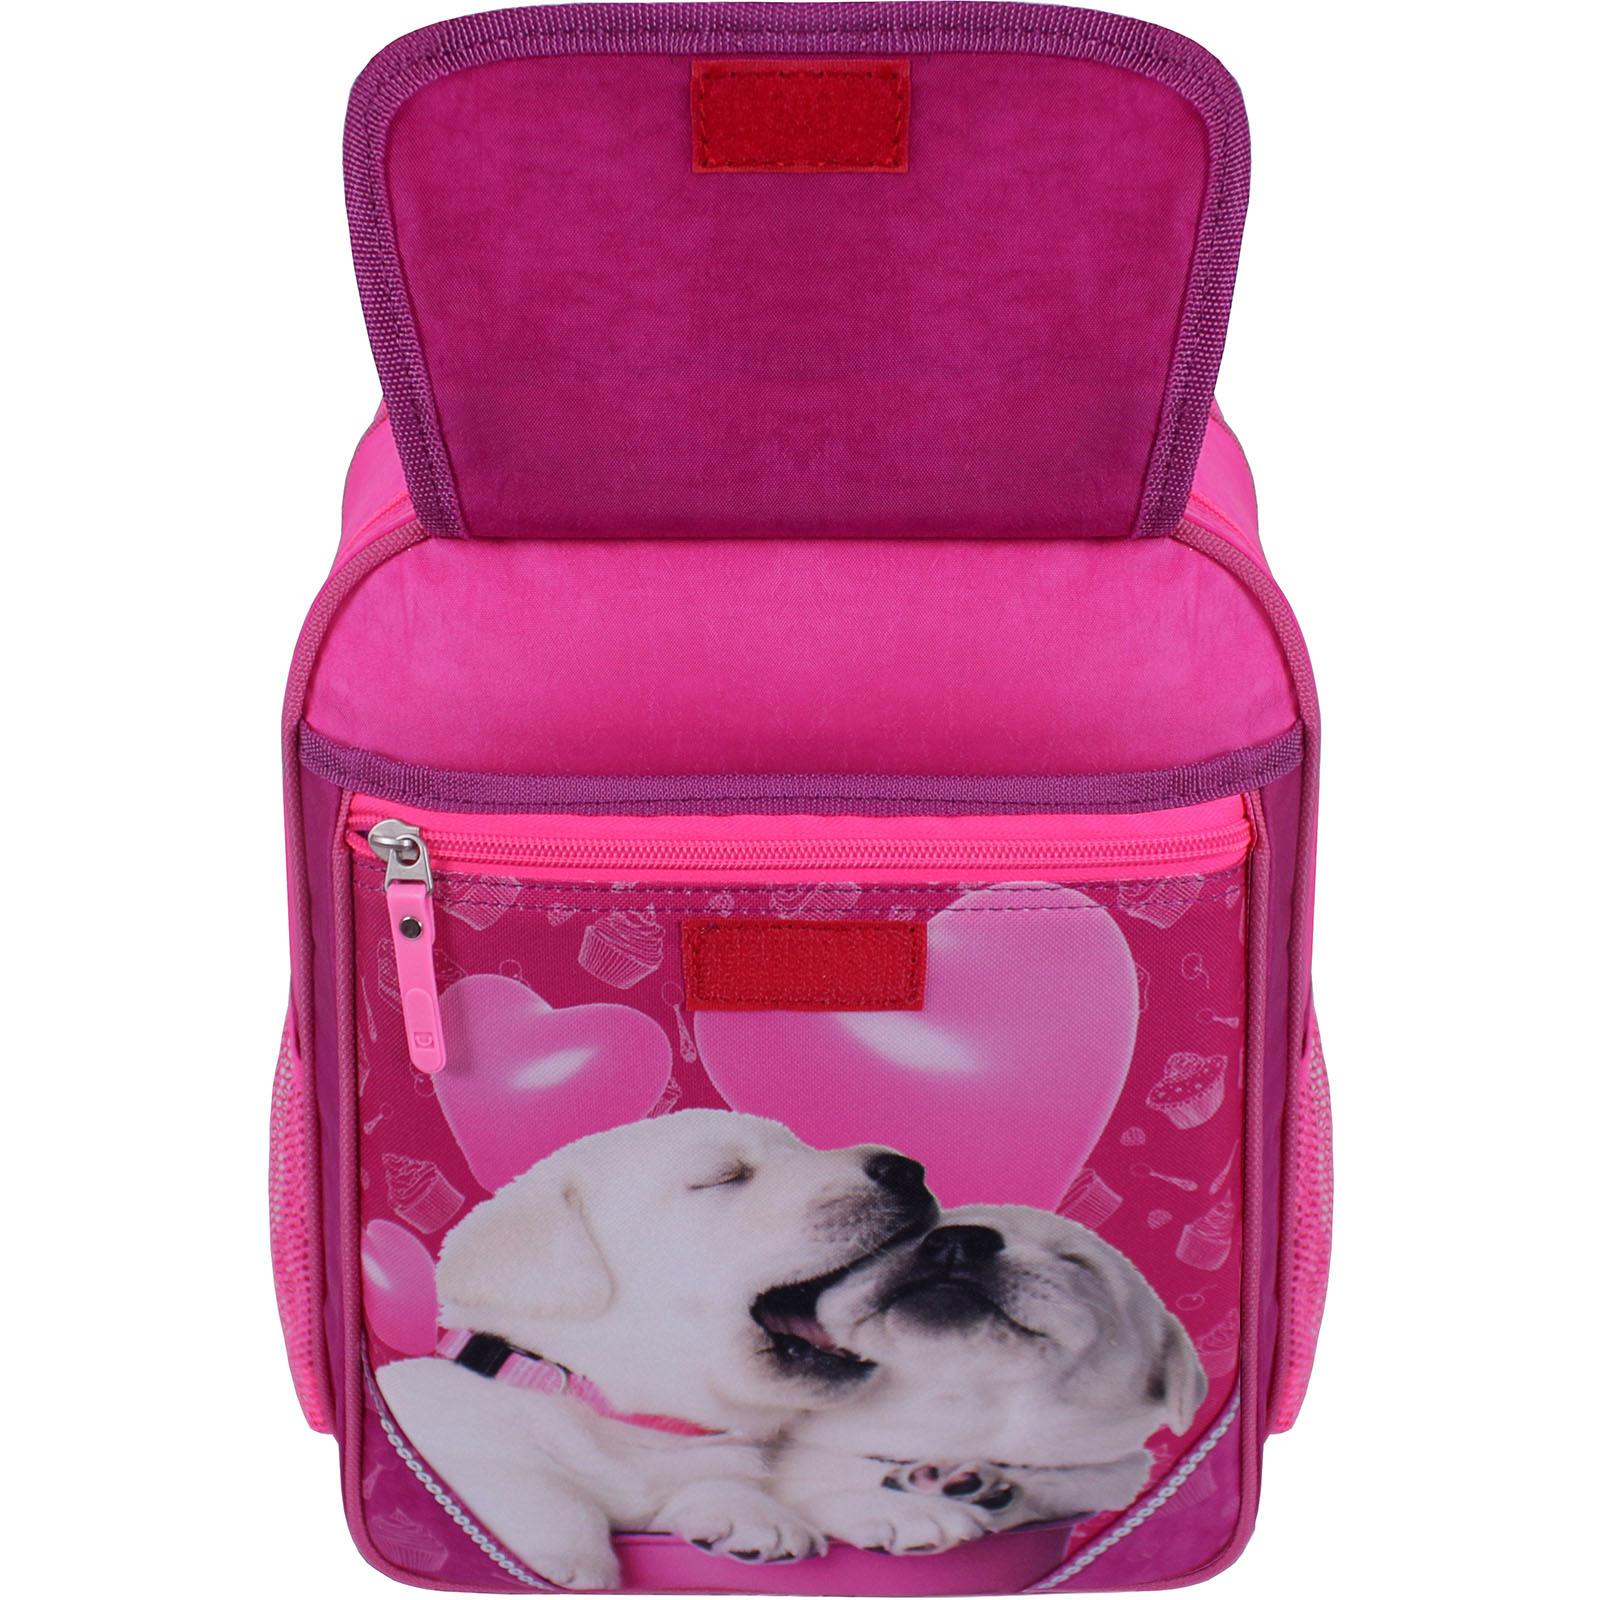 Рюкзак школьный Bagland Отличник 20 л. Малиновый 593 (0058070) фото 4